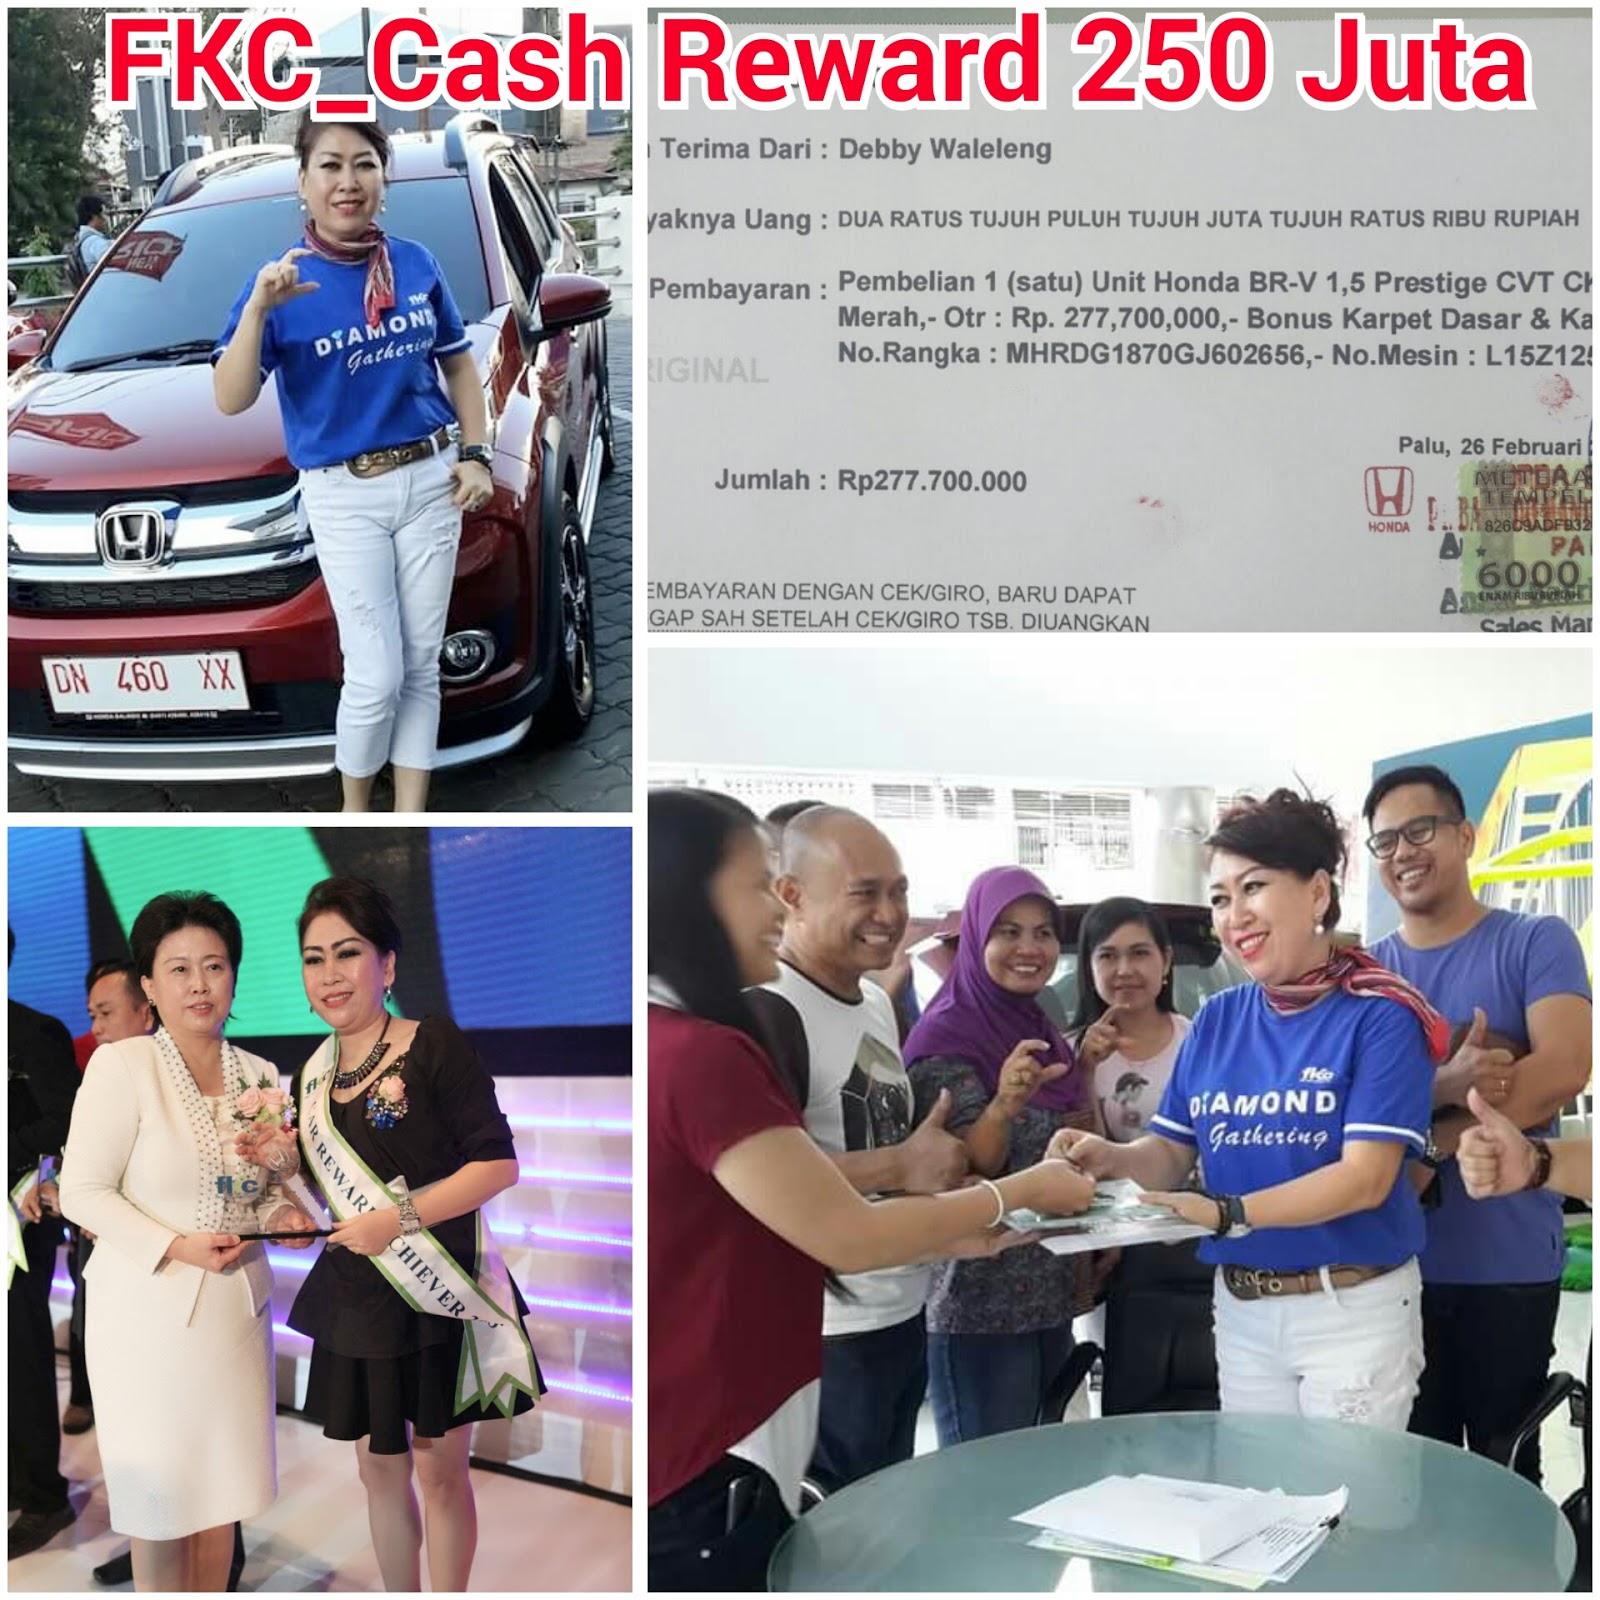 Bisnis Fkc Syariah - Reward Debby Waleleng